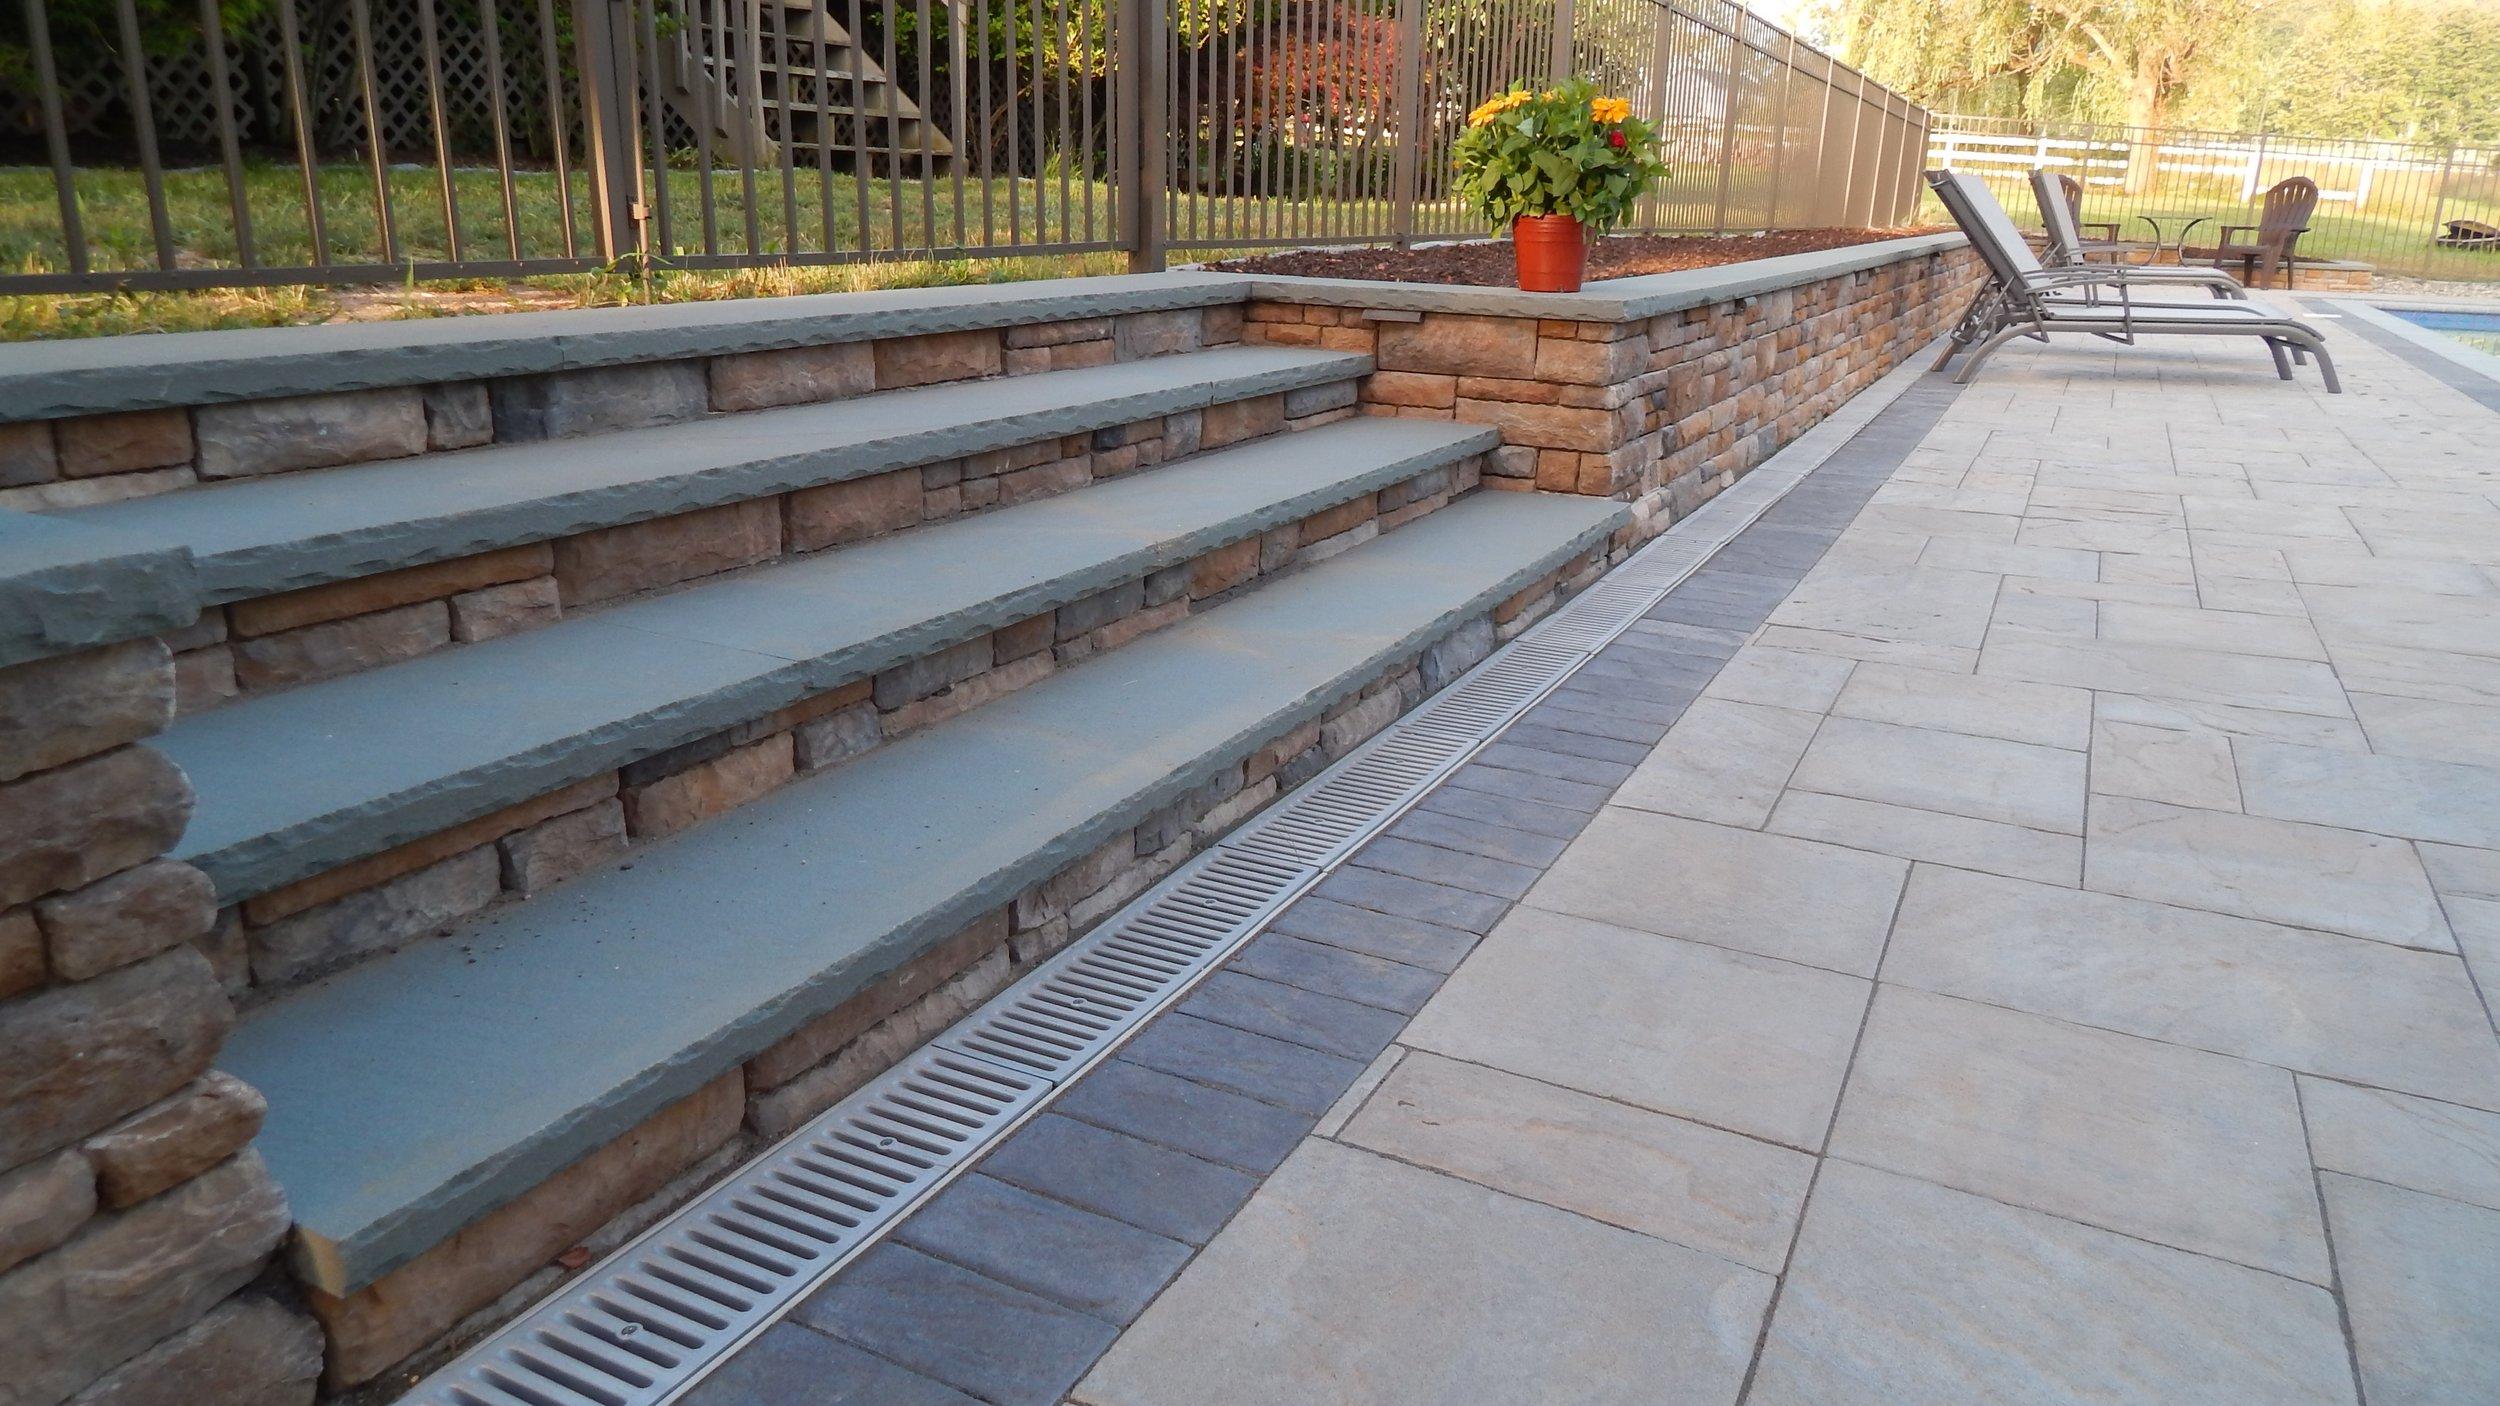 Dry Laid Stairs 2018 (1).JPG